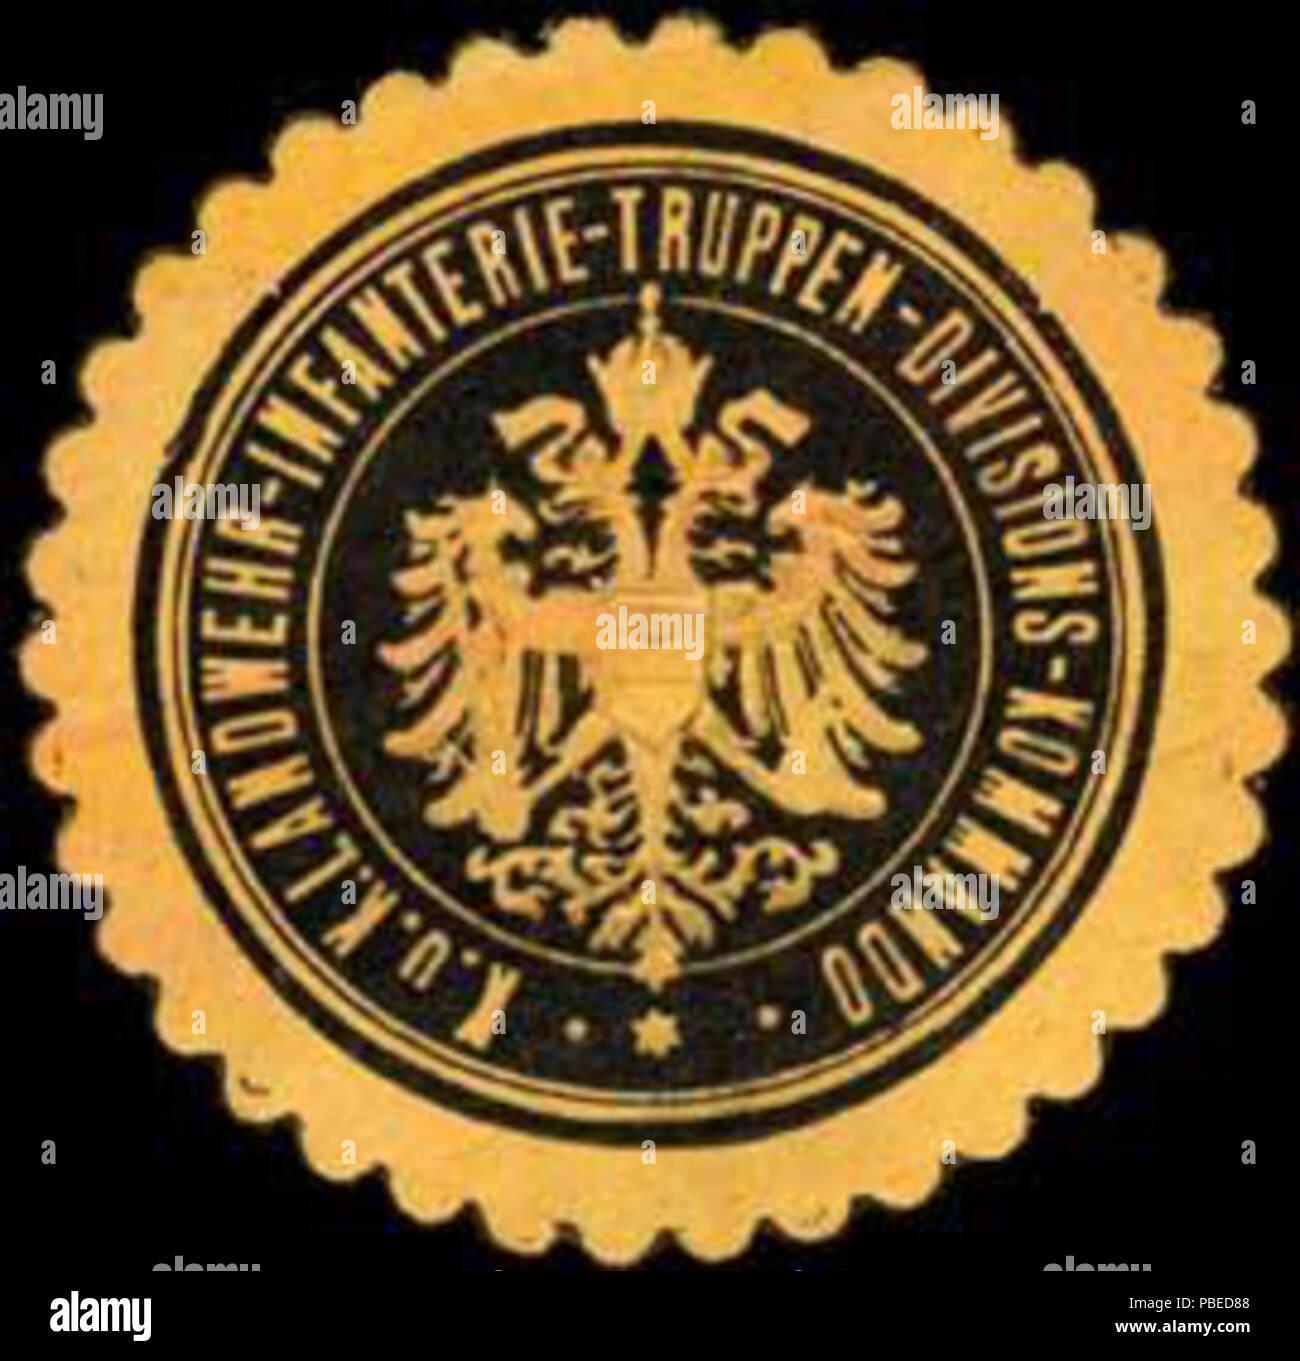 1435 Siegelmarke K.u.K. Landwehr-Infanterie-Truppen-Divisions-Kommando  W0261516